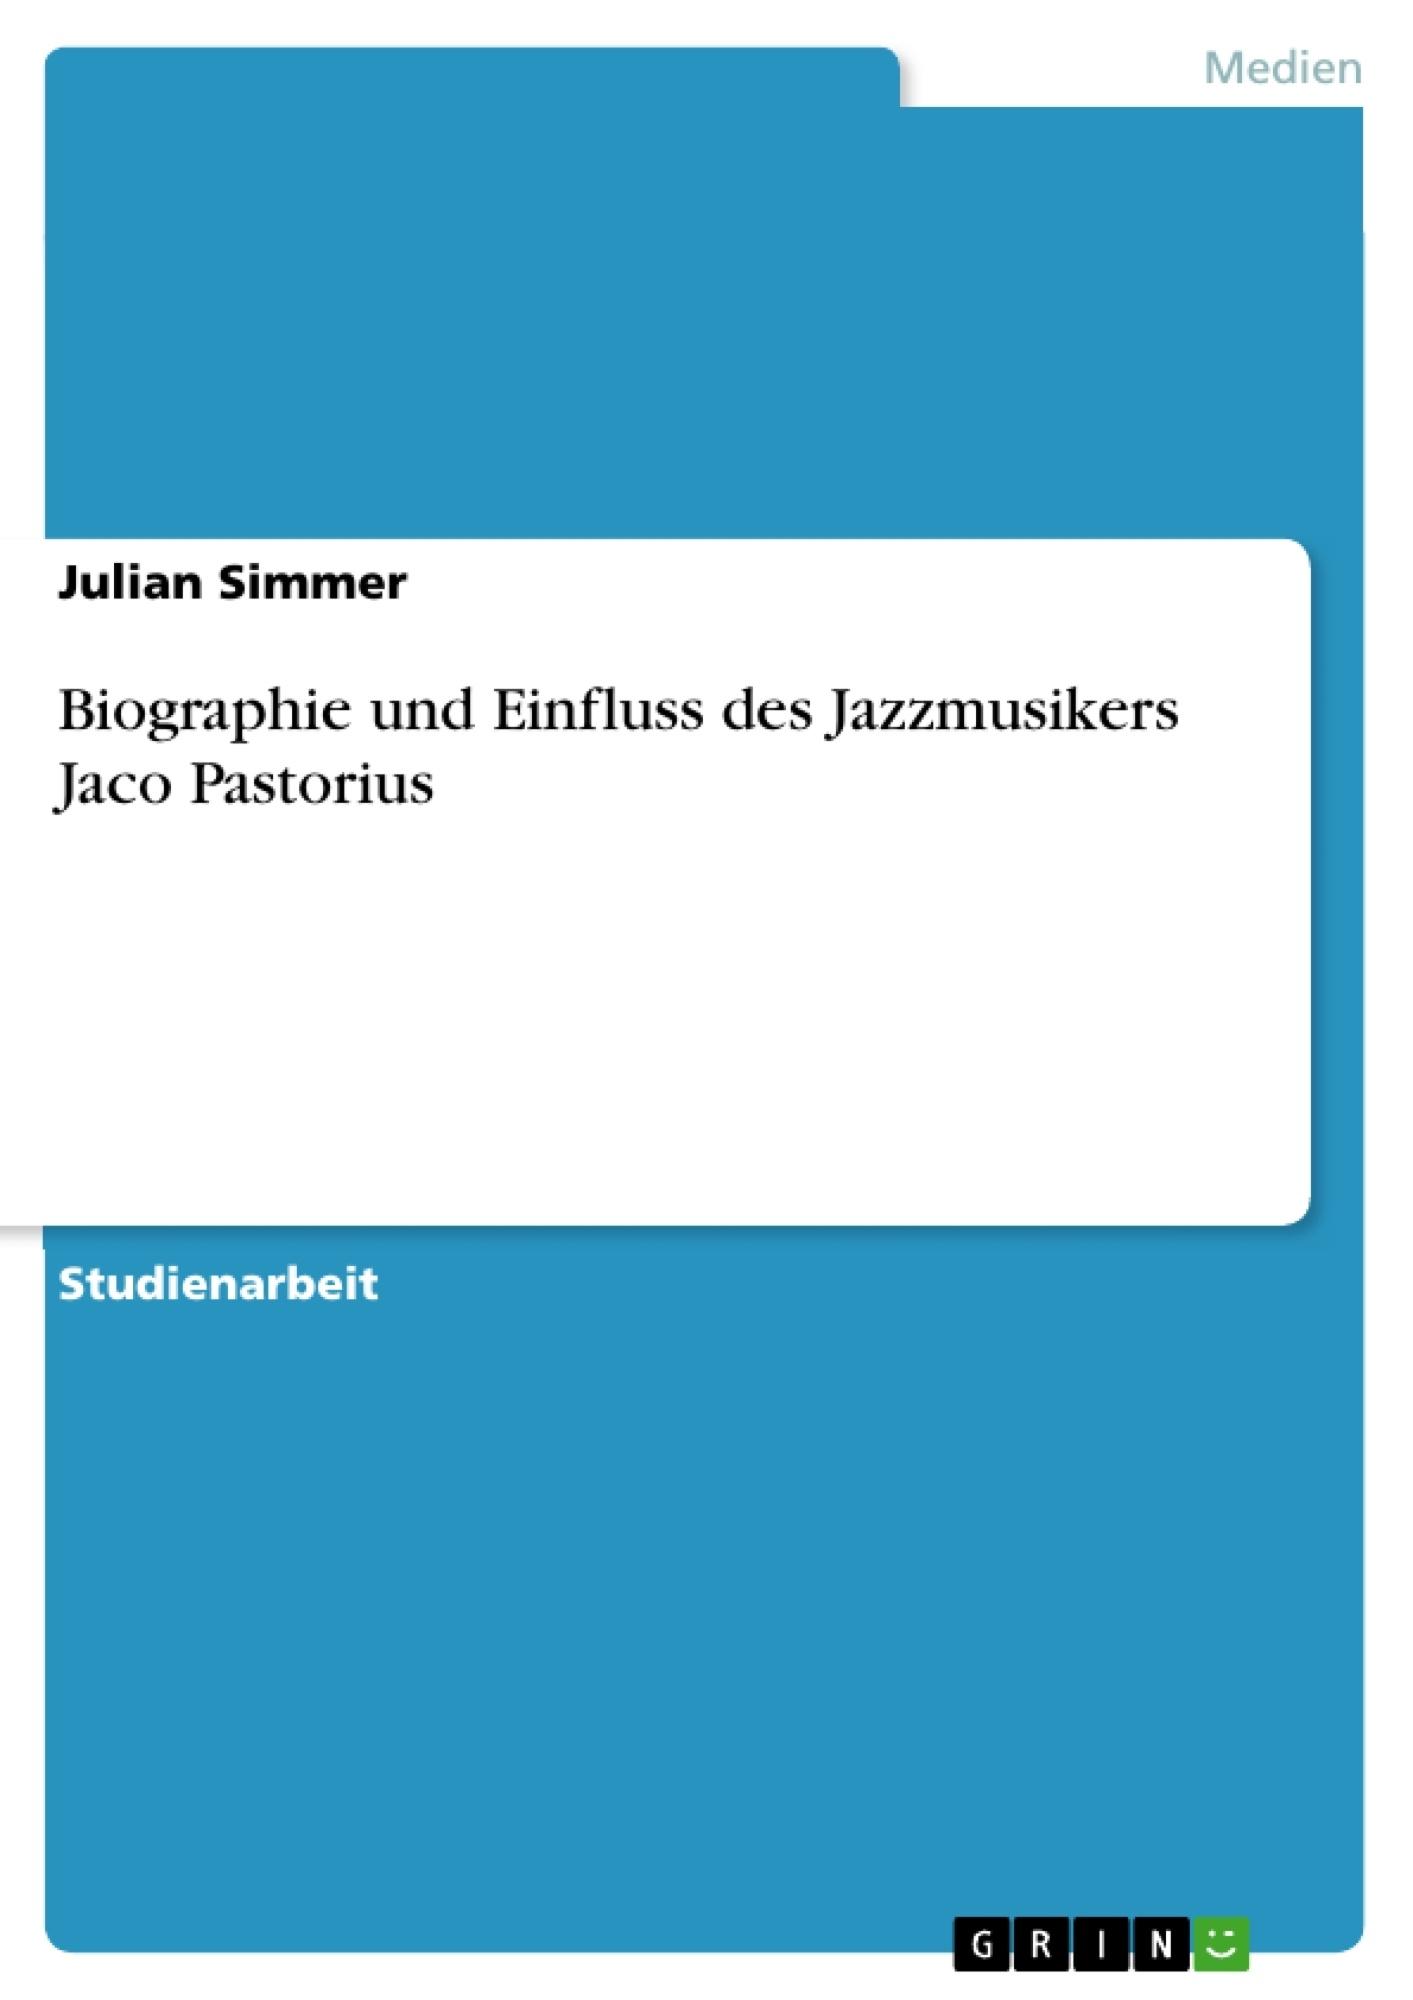 Titel: Biographie und Einfluss des Jazzmusikers Jaco Pastorius